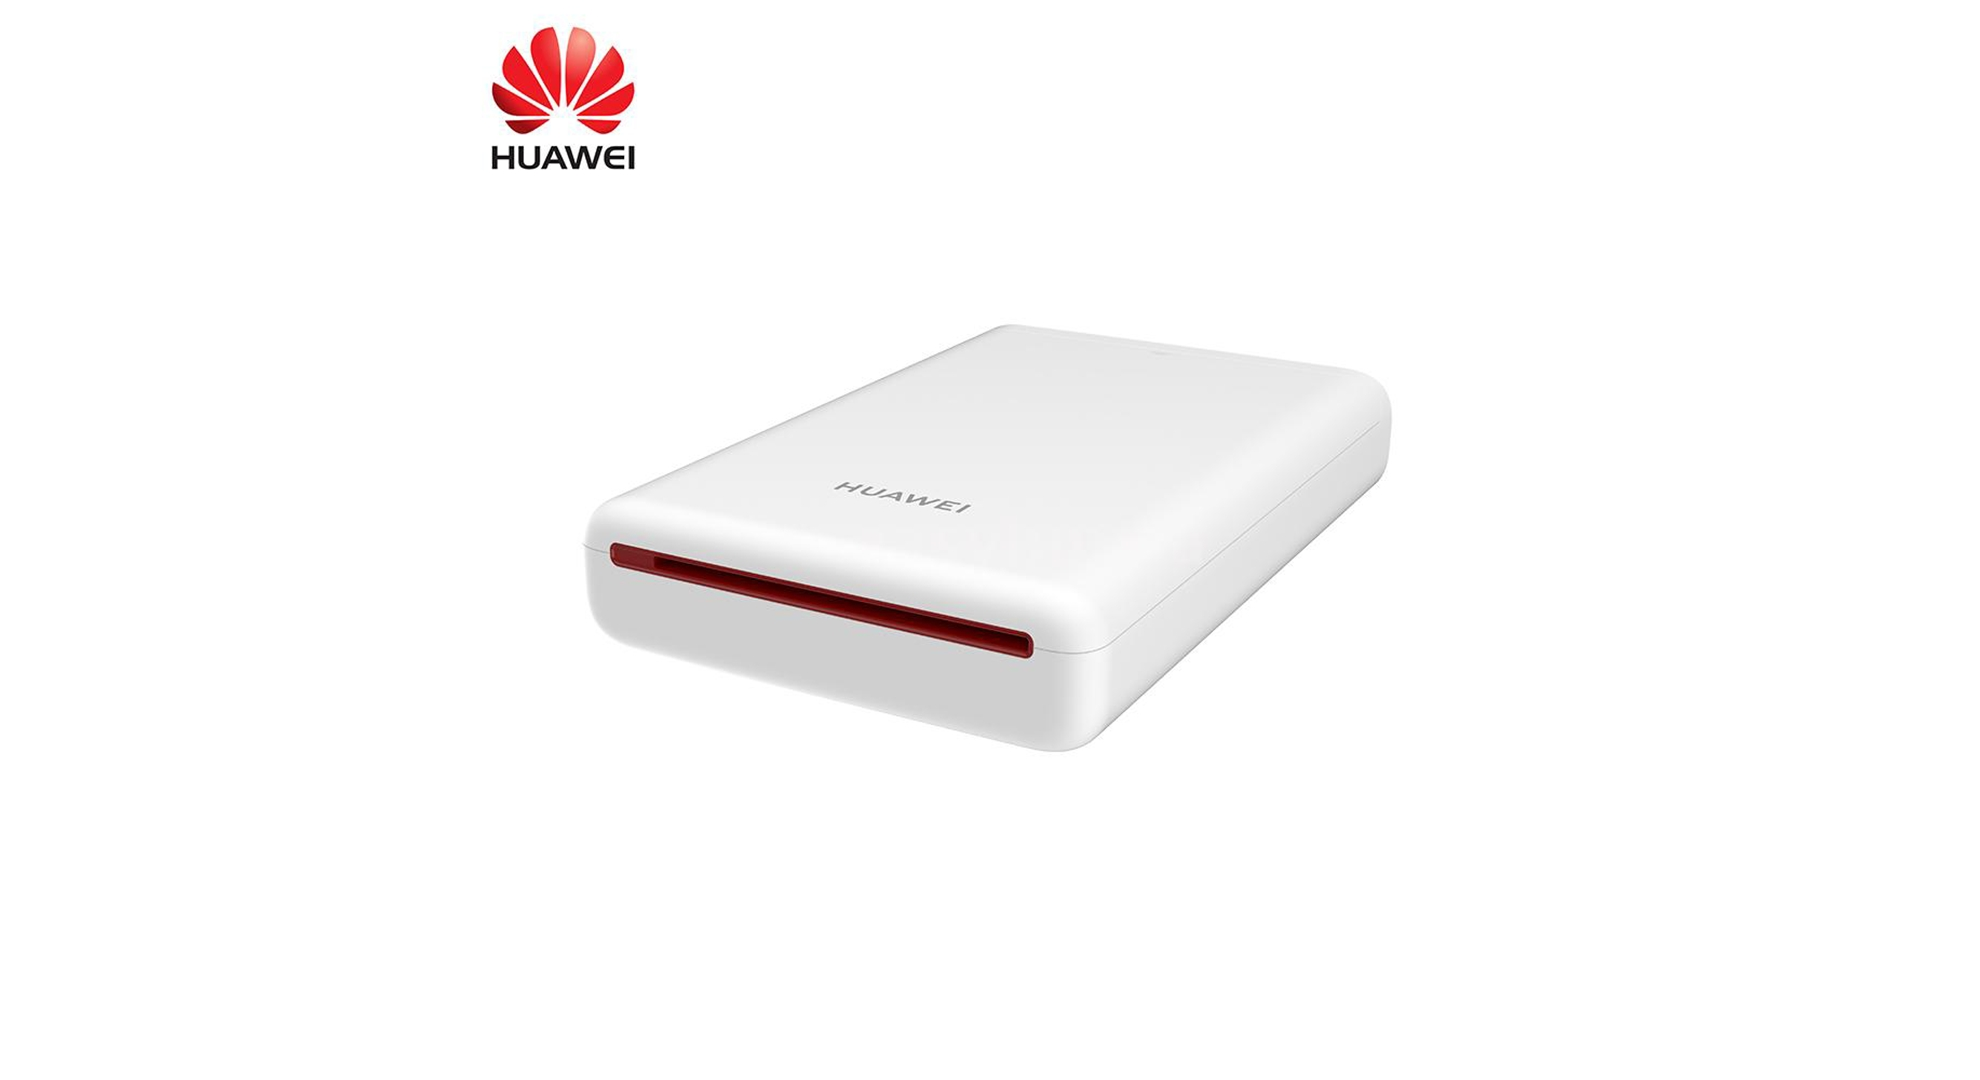 Fotografická tiskárna Huawei Portable nyní ve slevě o 38 %! [sponzorovaný článek]